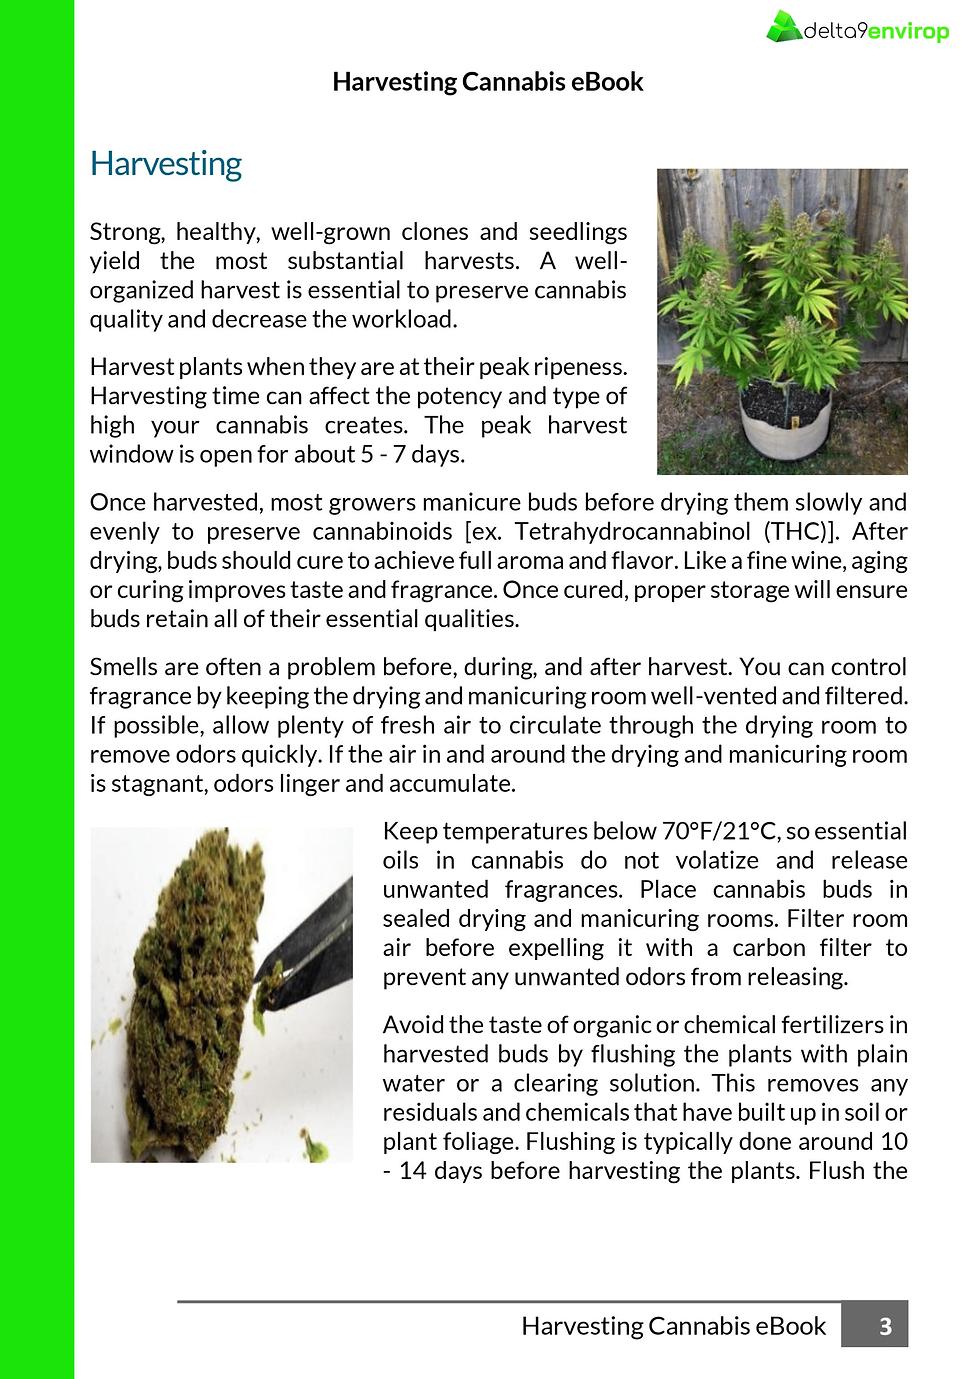 D9E__Delta_9_Envirop__Cannabis_Harvestin